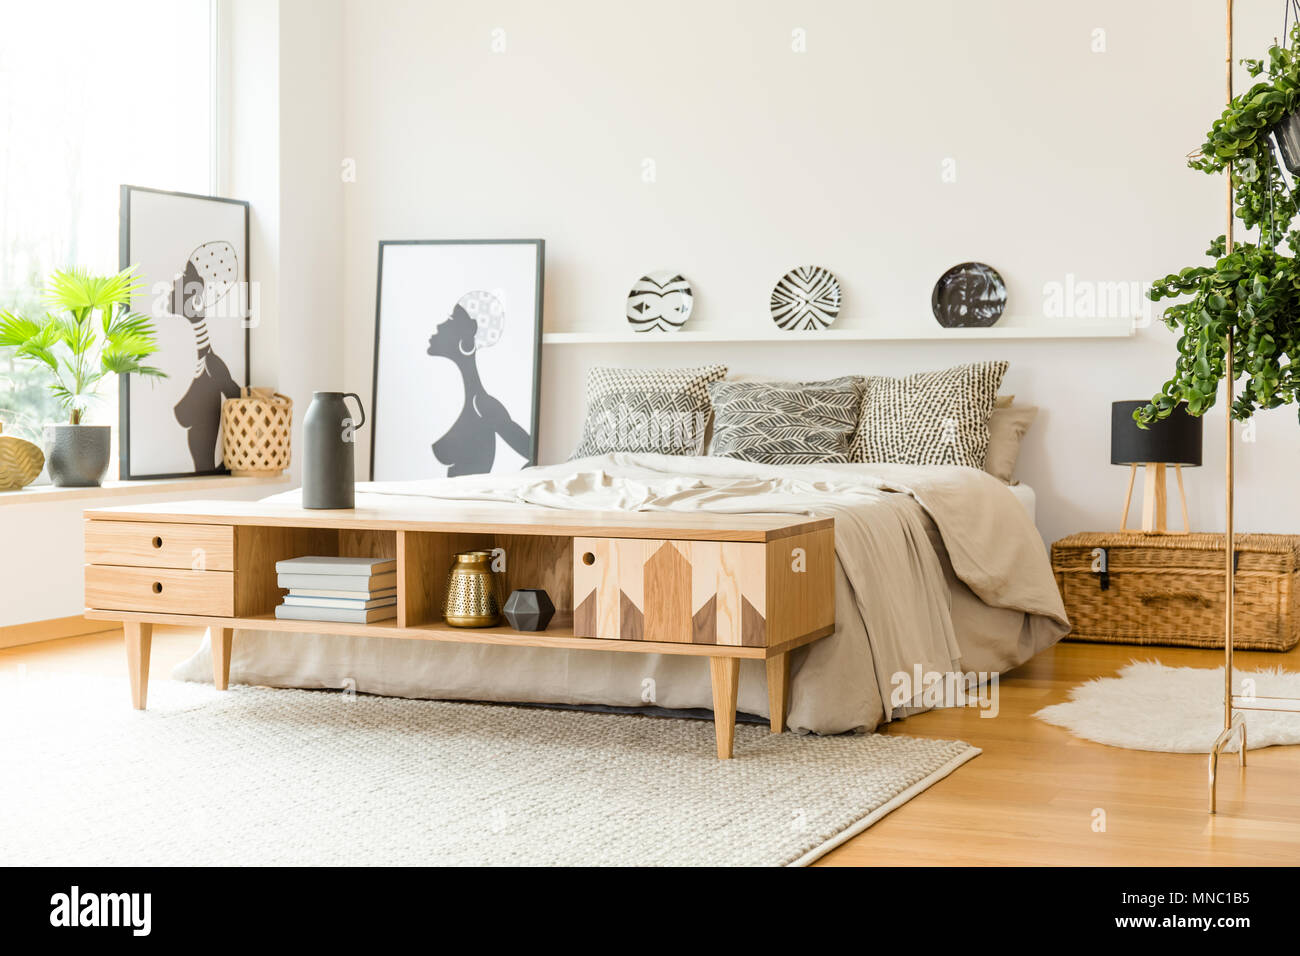 029b8d68ffb609 Armoire en bois près de lit dans la chambre à coucher boho intérieur avec  des affiches et des plantes